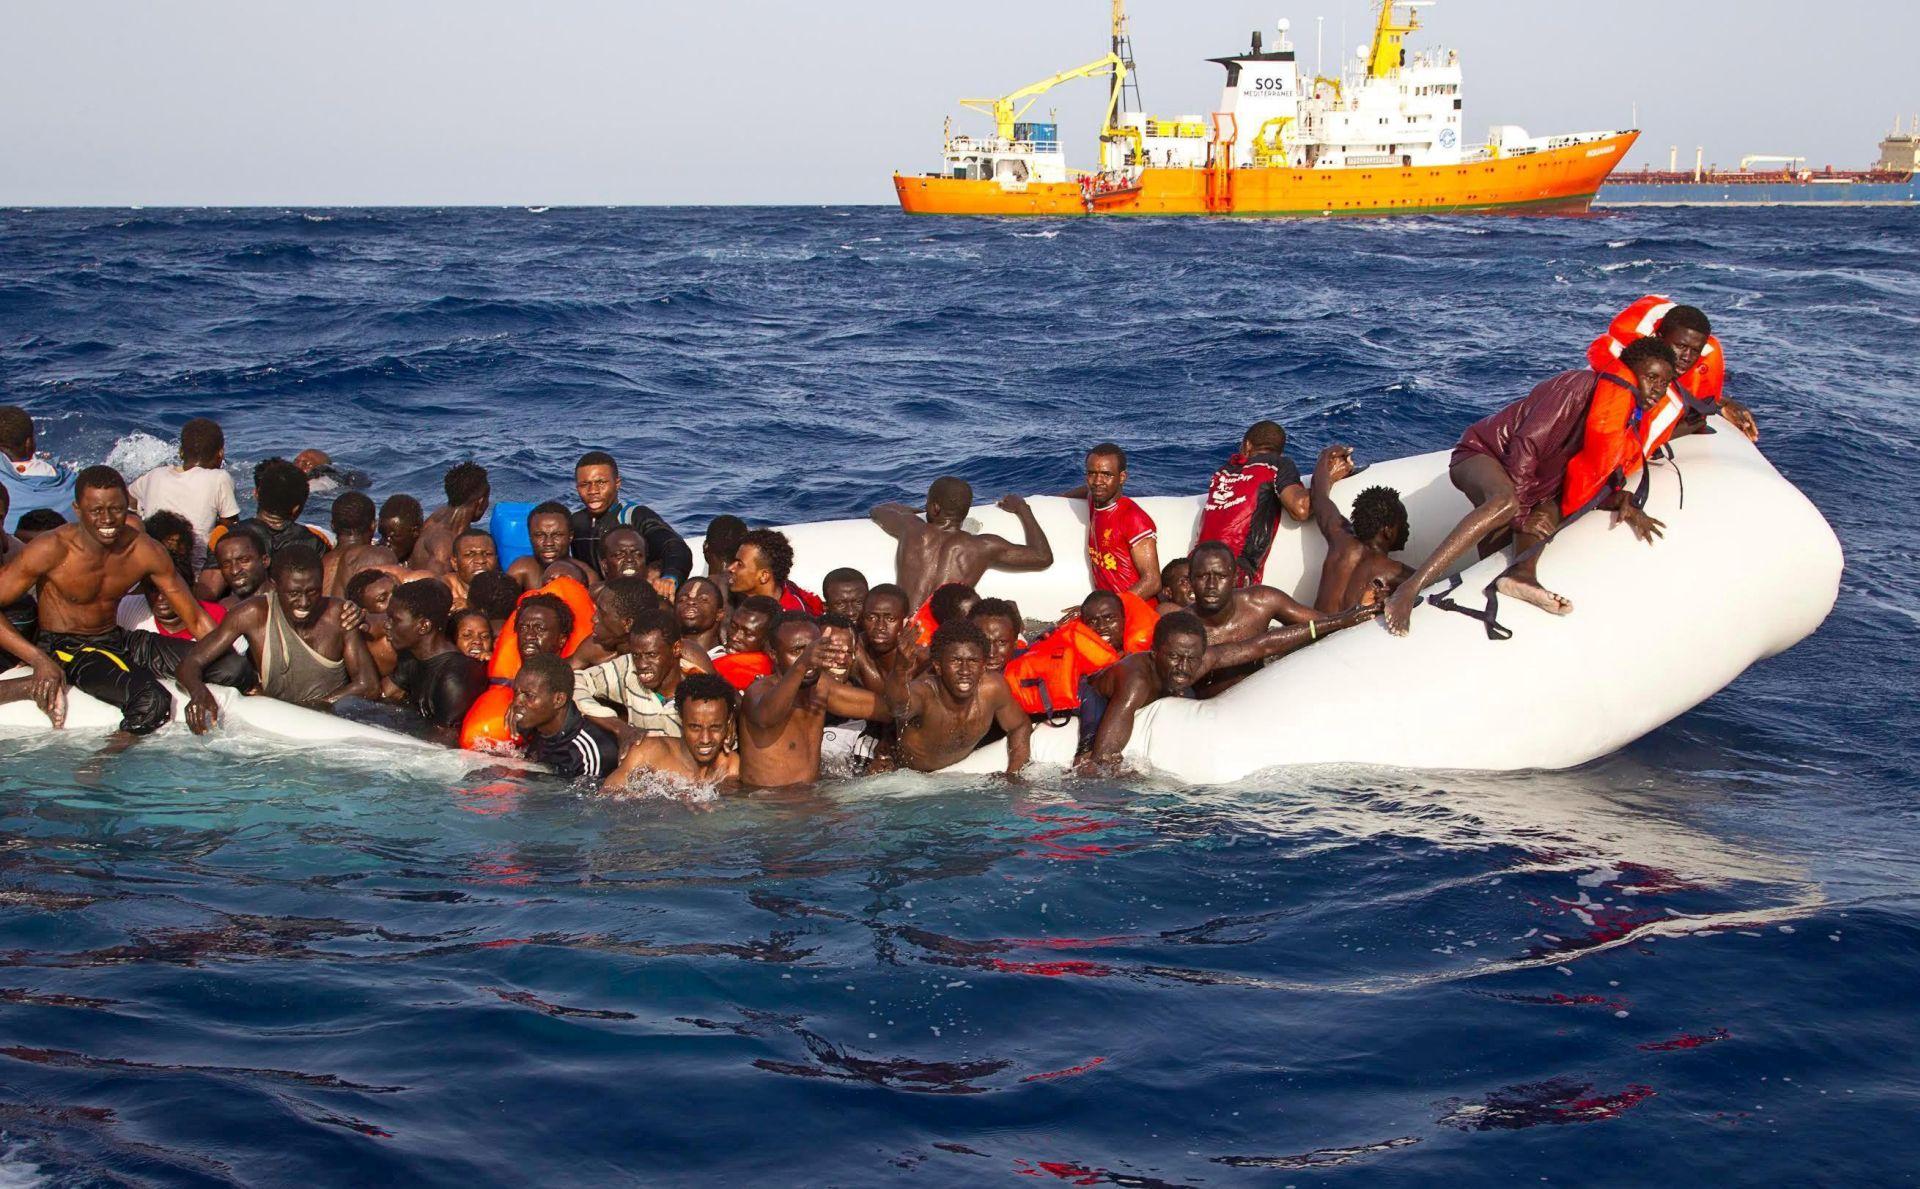 Talijanska vlada zabranila već trećem brodu s migrantima pristajanje u talijanskim lukama